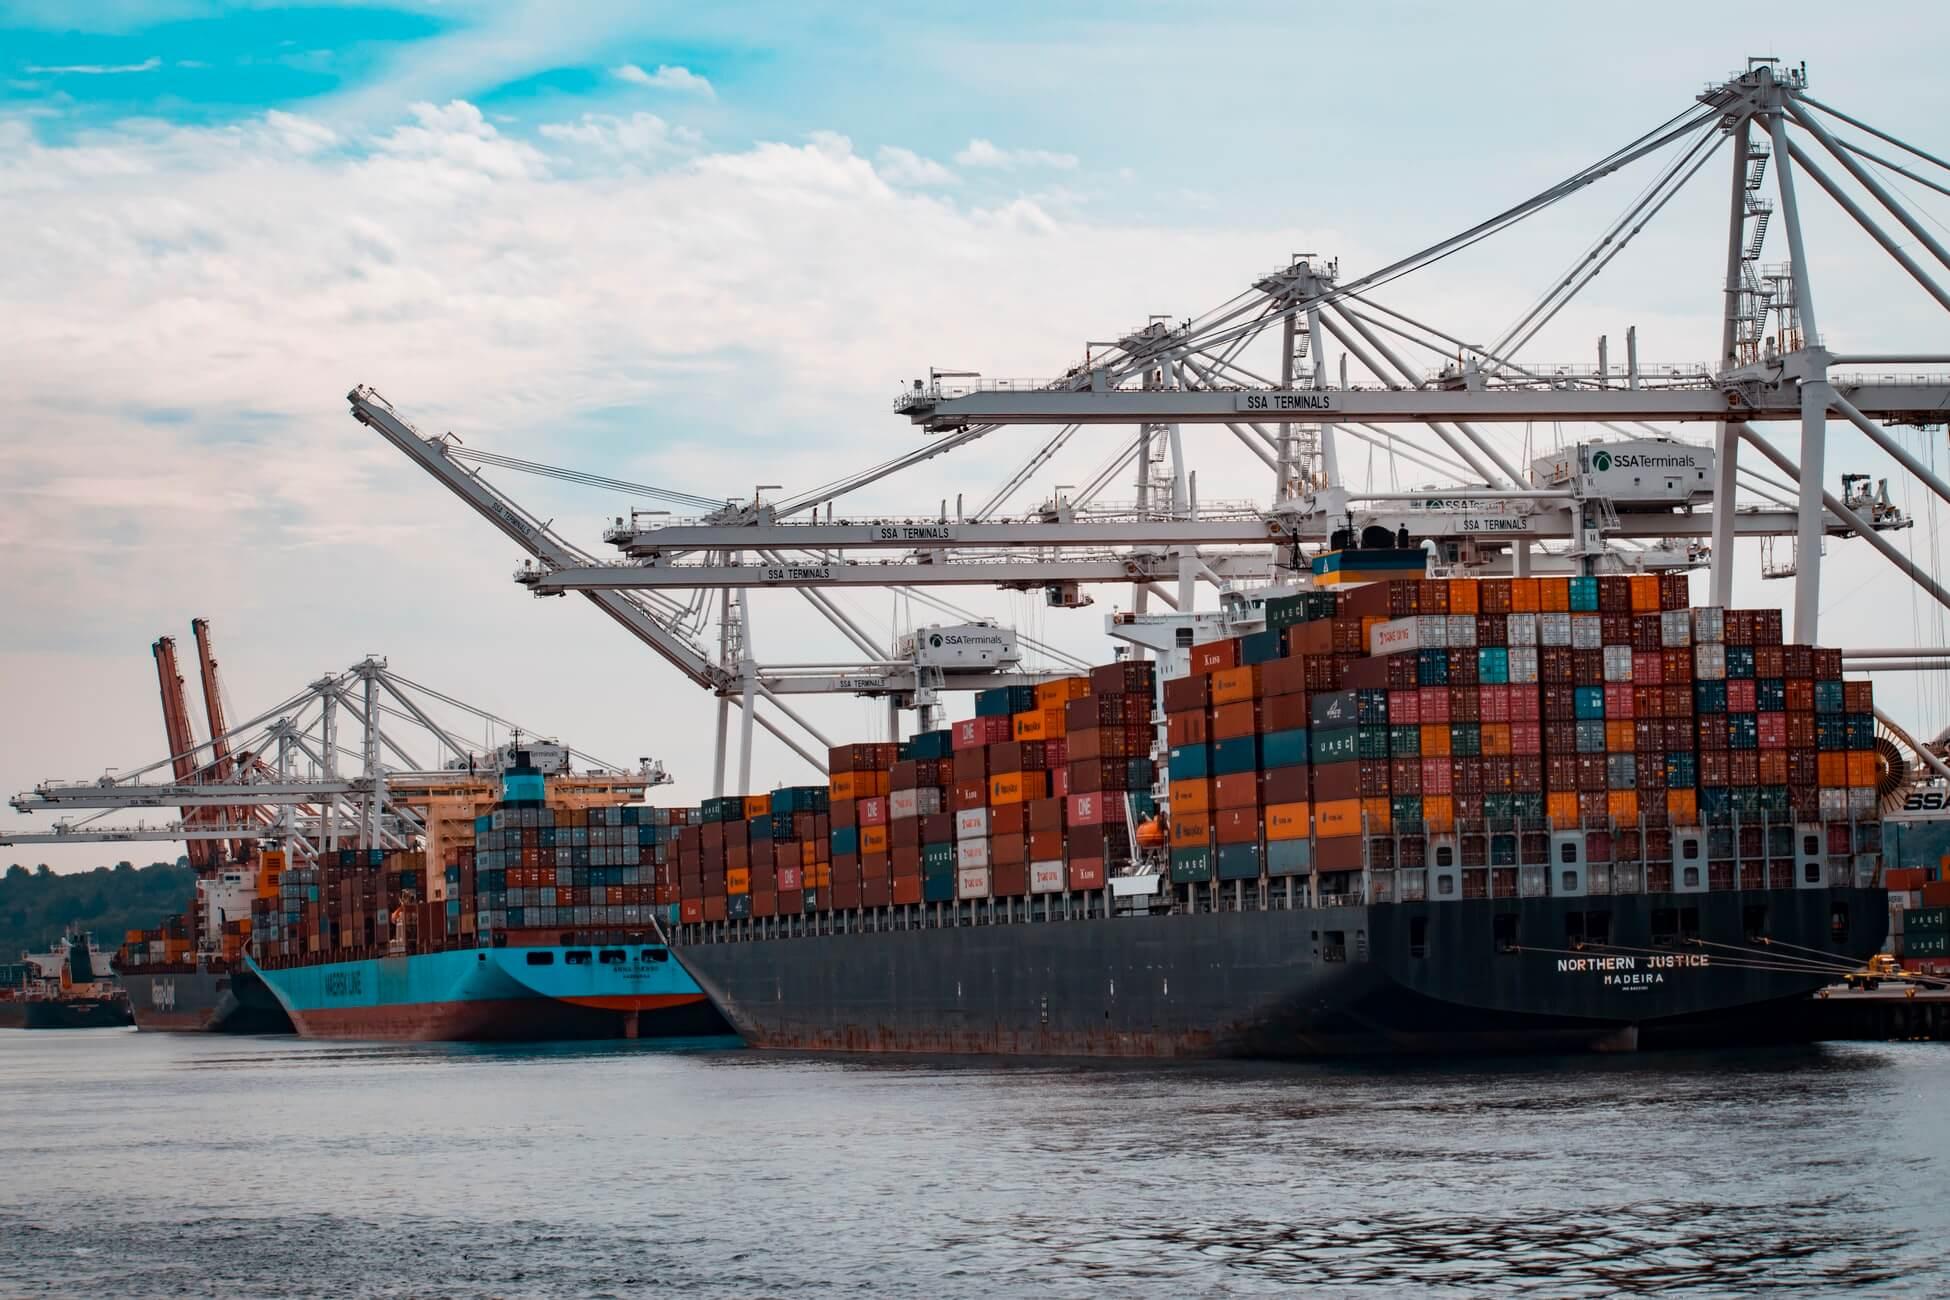 Megbízható és biztonságos: a tengeri szállítmányozás előnyei az Ön számára